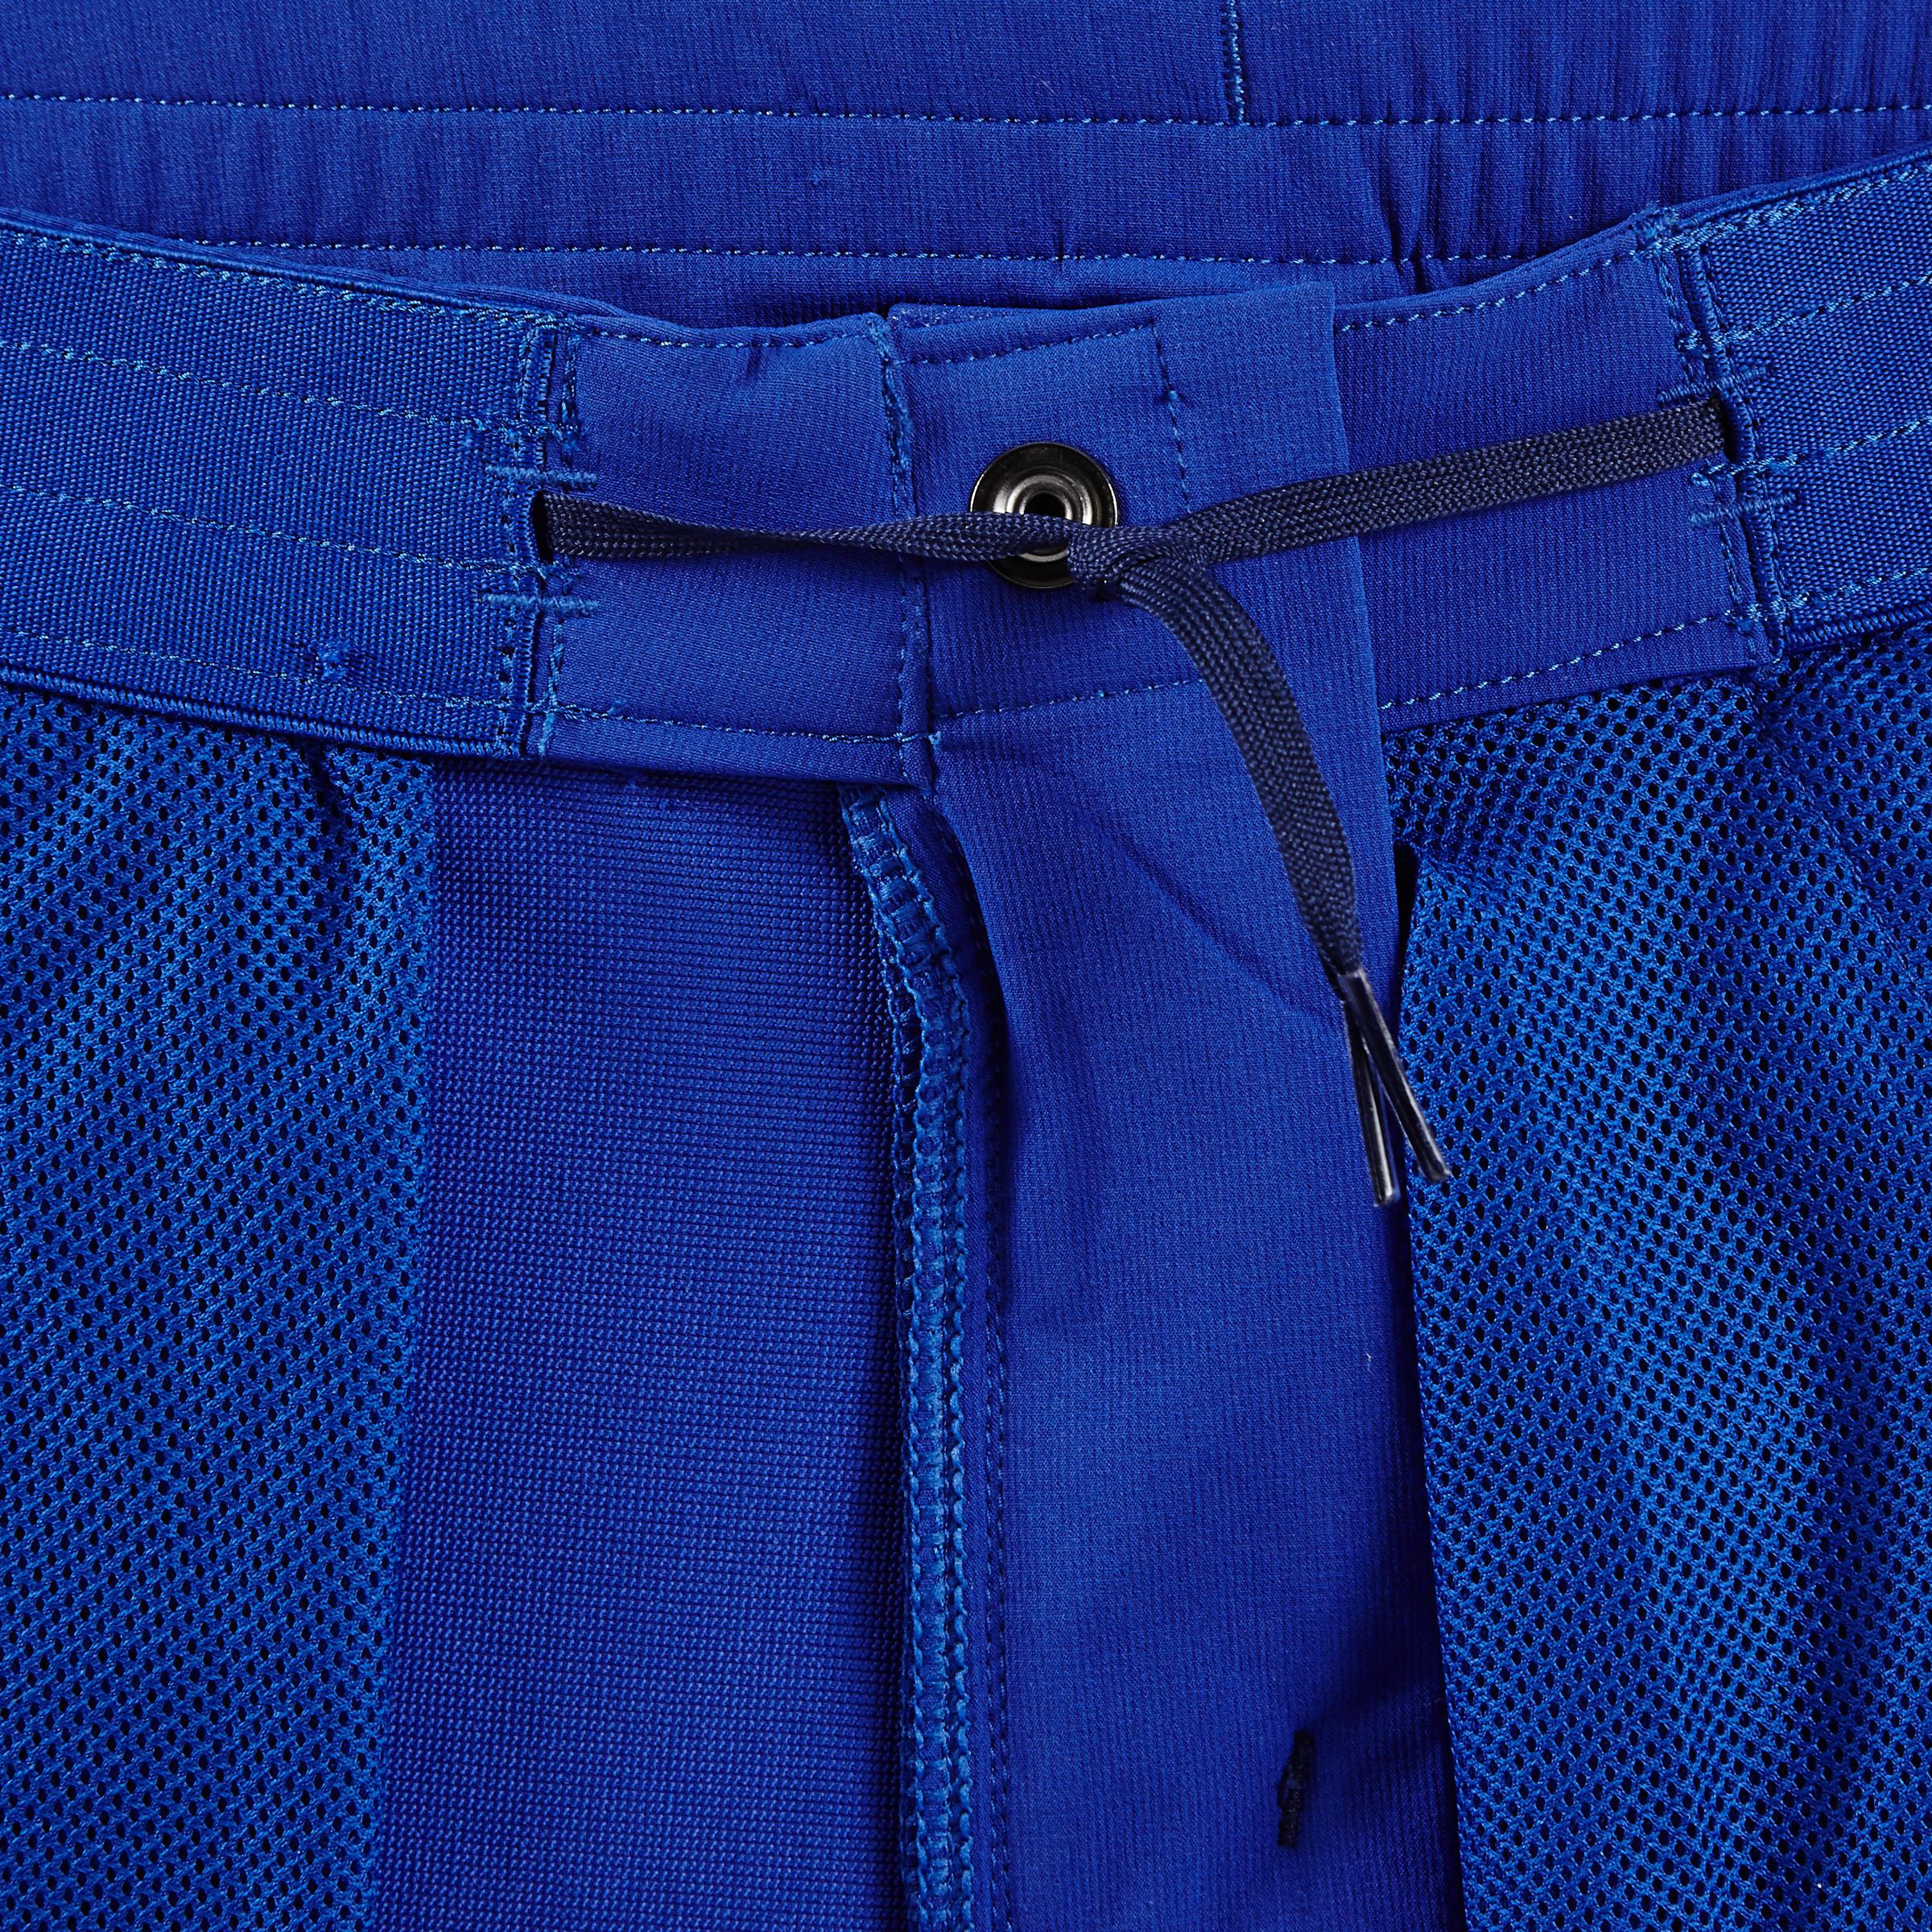 Pantalon ROCK FEMME Indigo et bleu cosmos